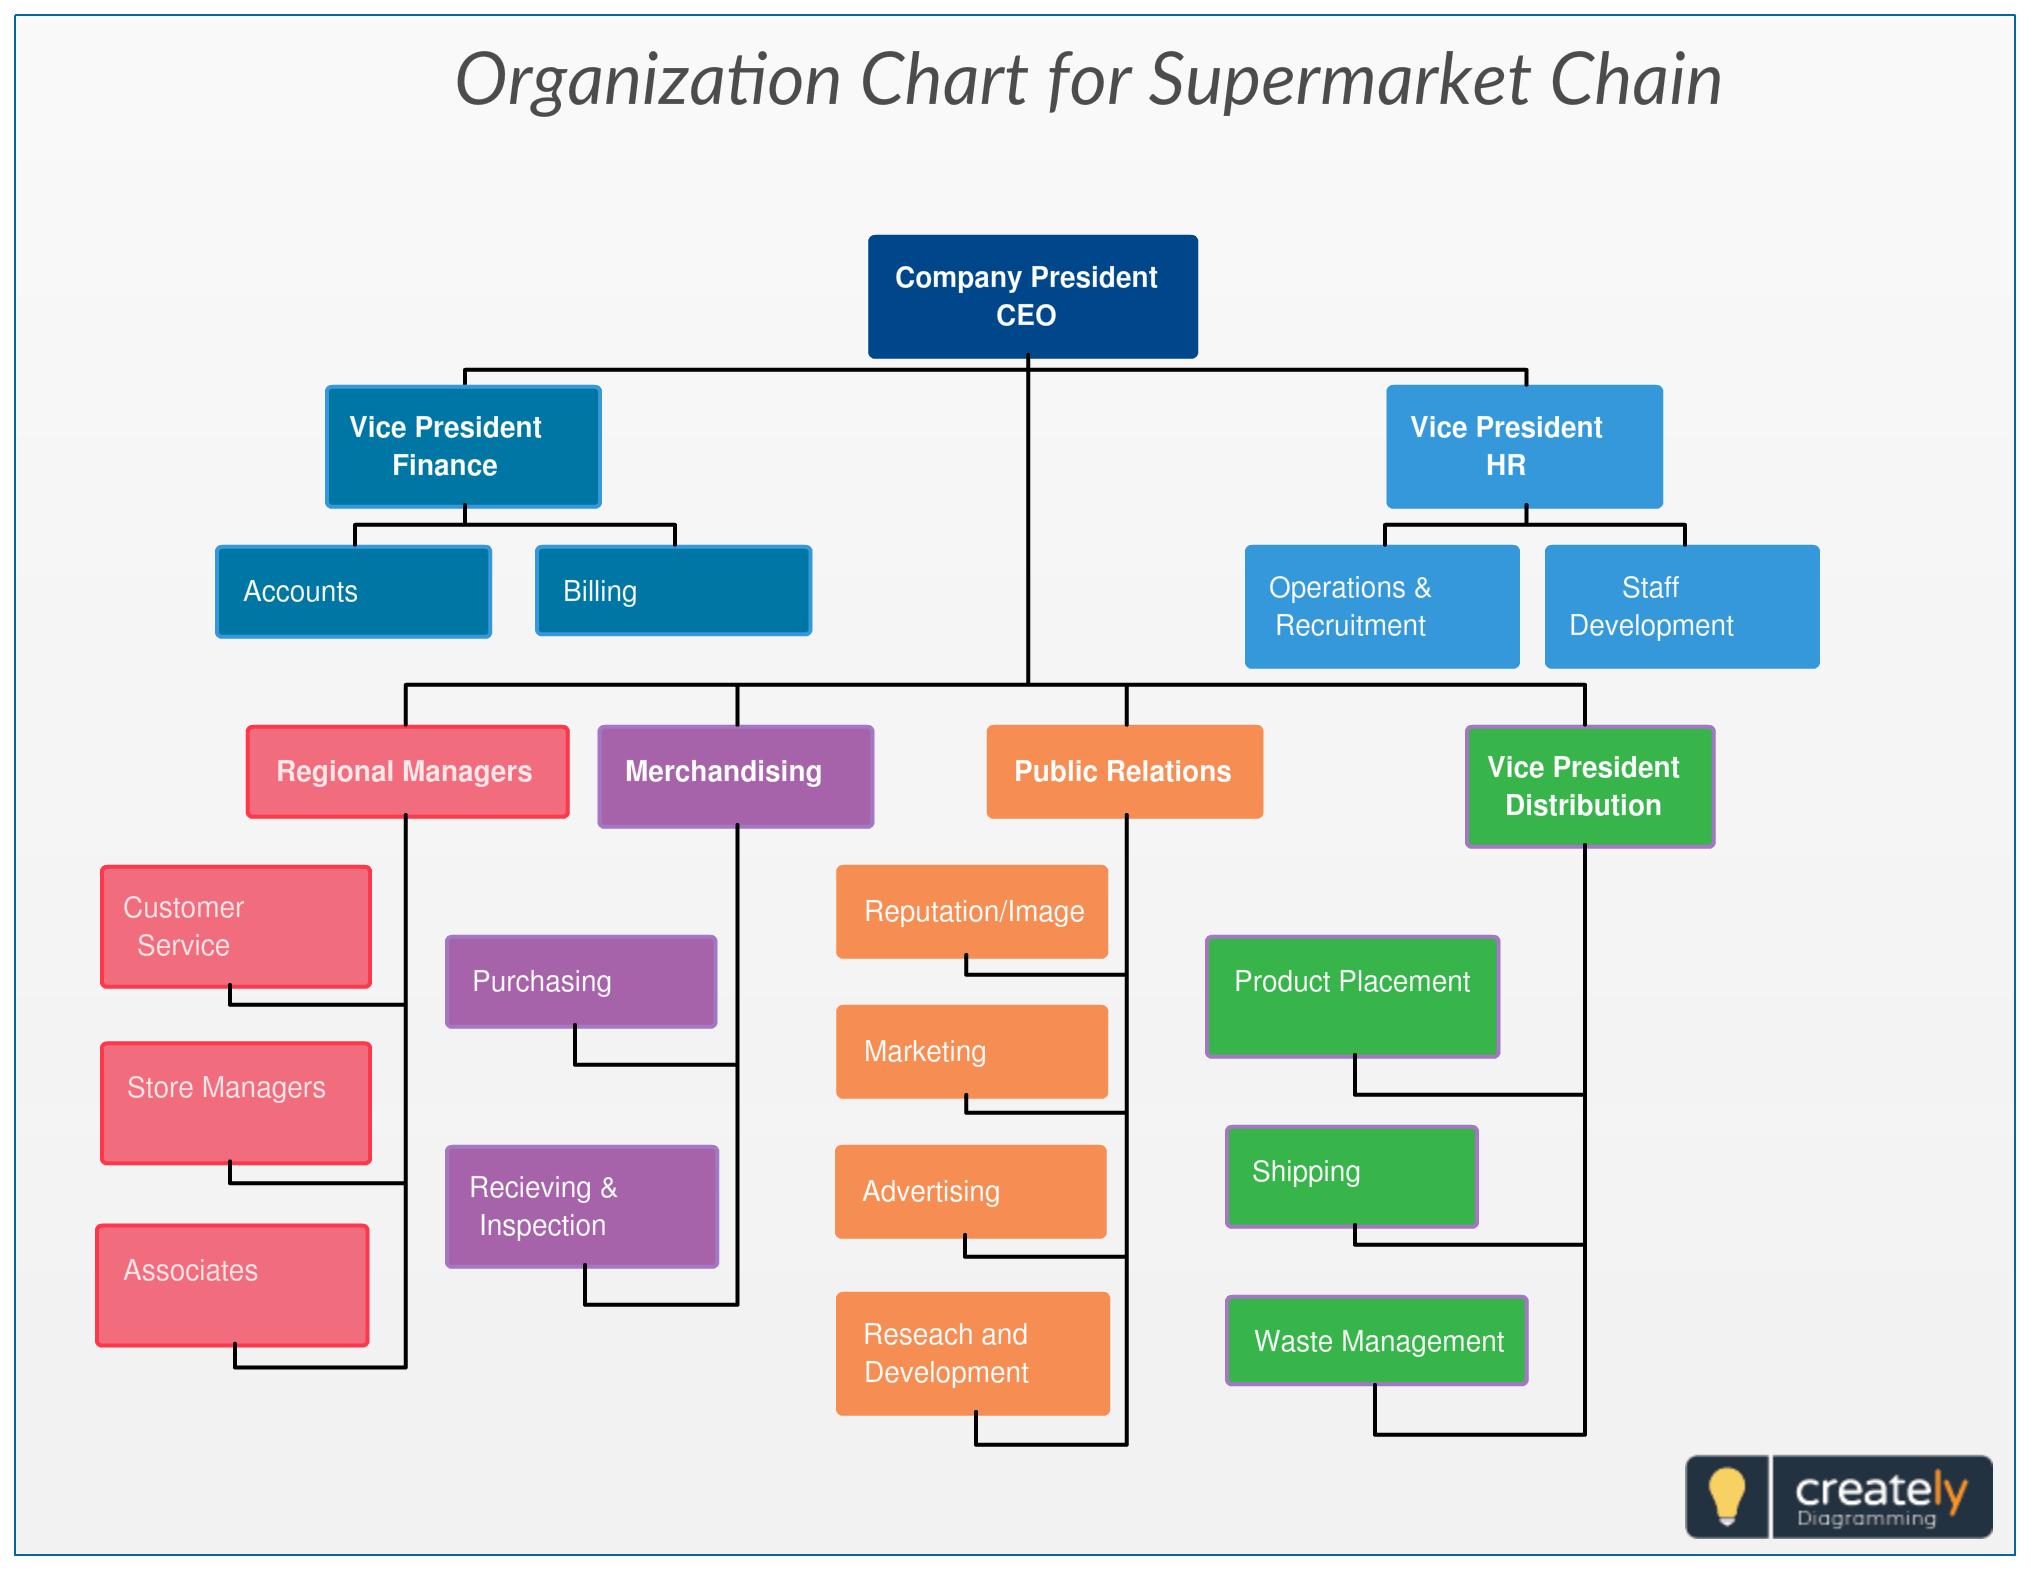 Organograma: Como essa ferramenta ajuda na organização administrativa e em processos?